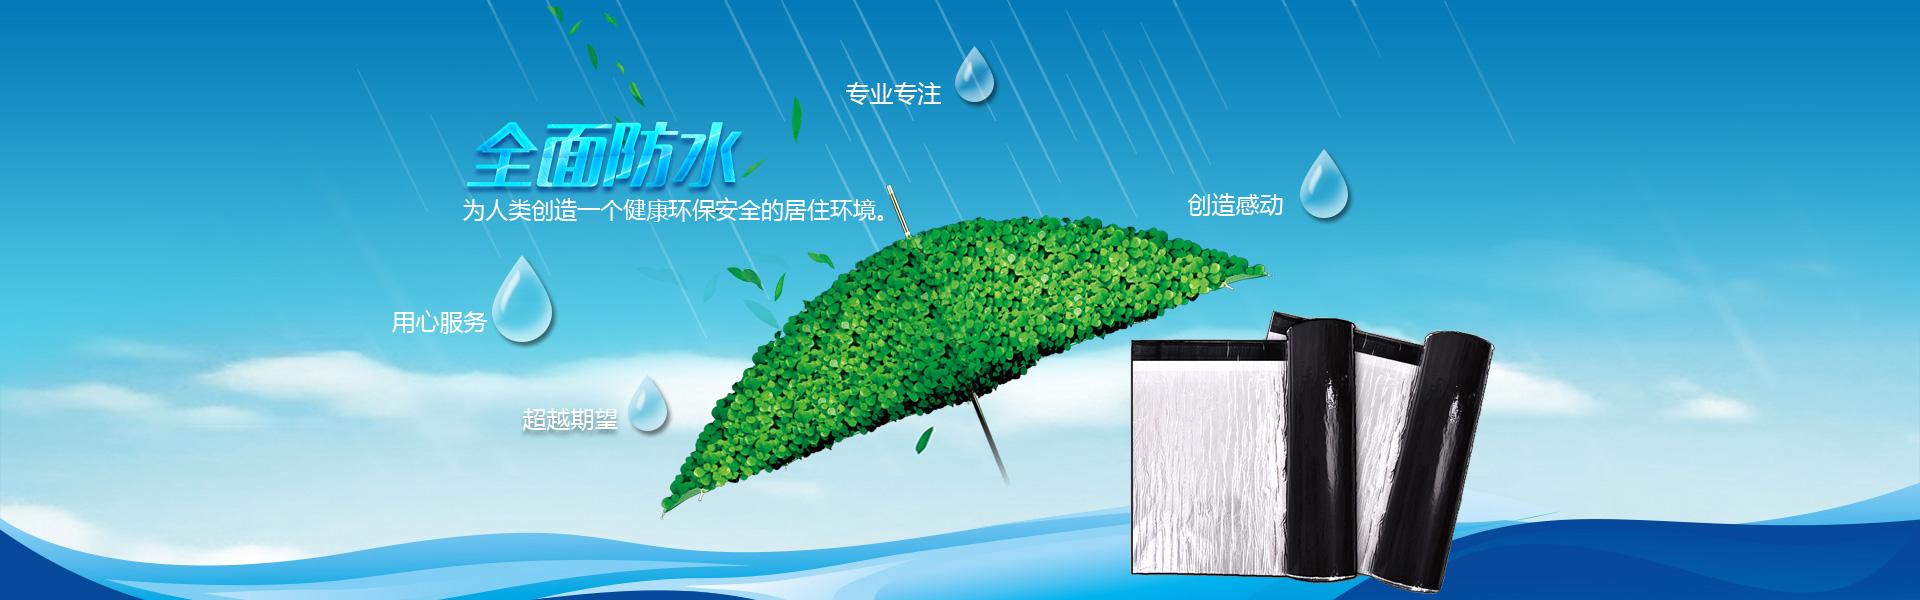 广州乐橙摄像头下载材料厂家